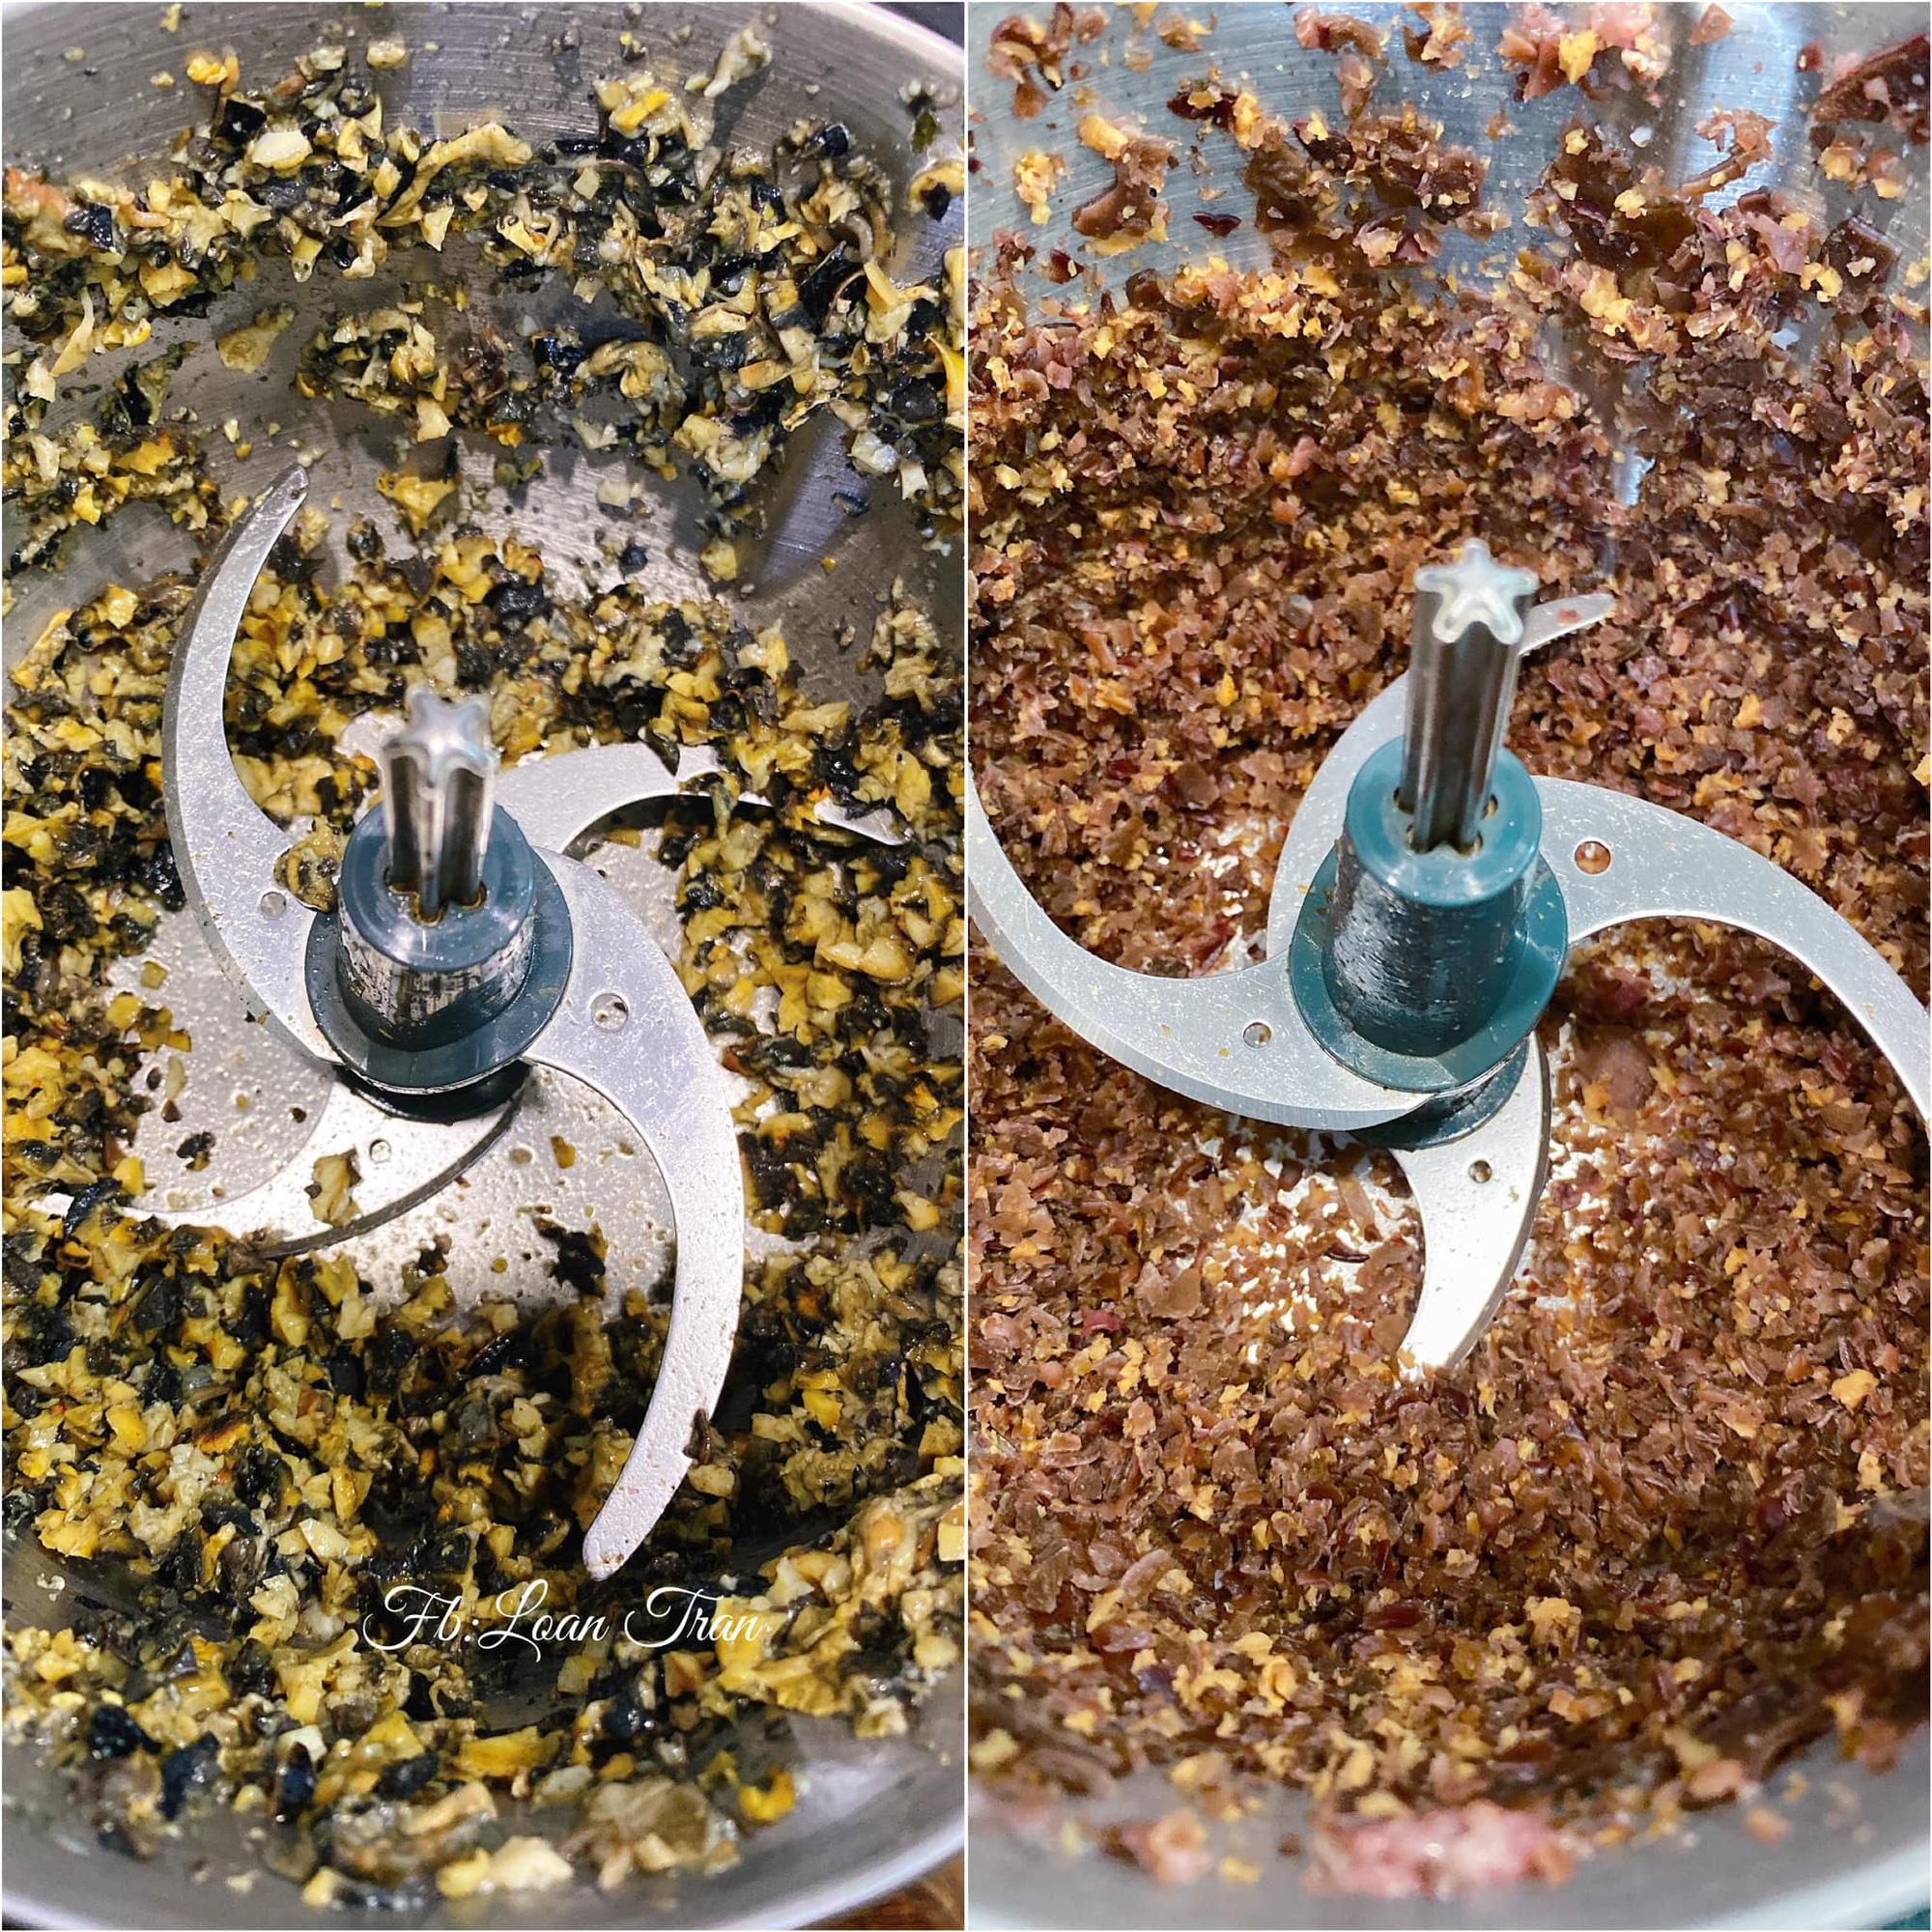 Bí quyết làm món chả ốc hấp sả thơm lừng - Ảnh 3.